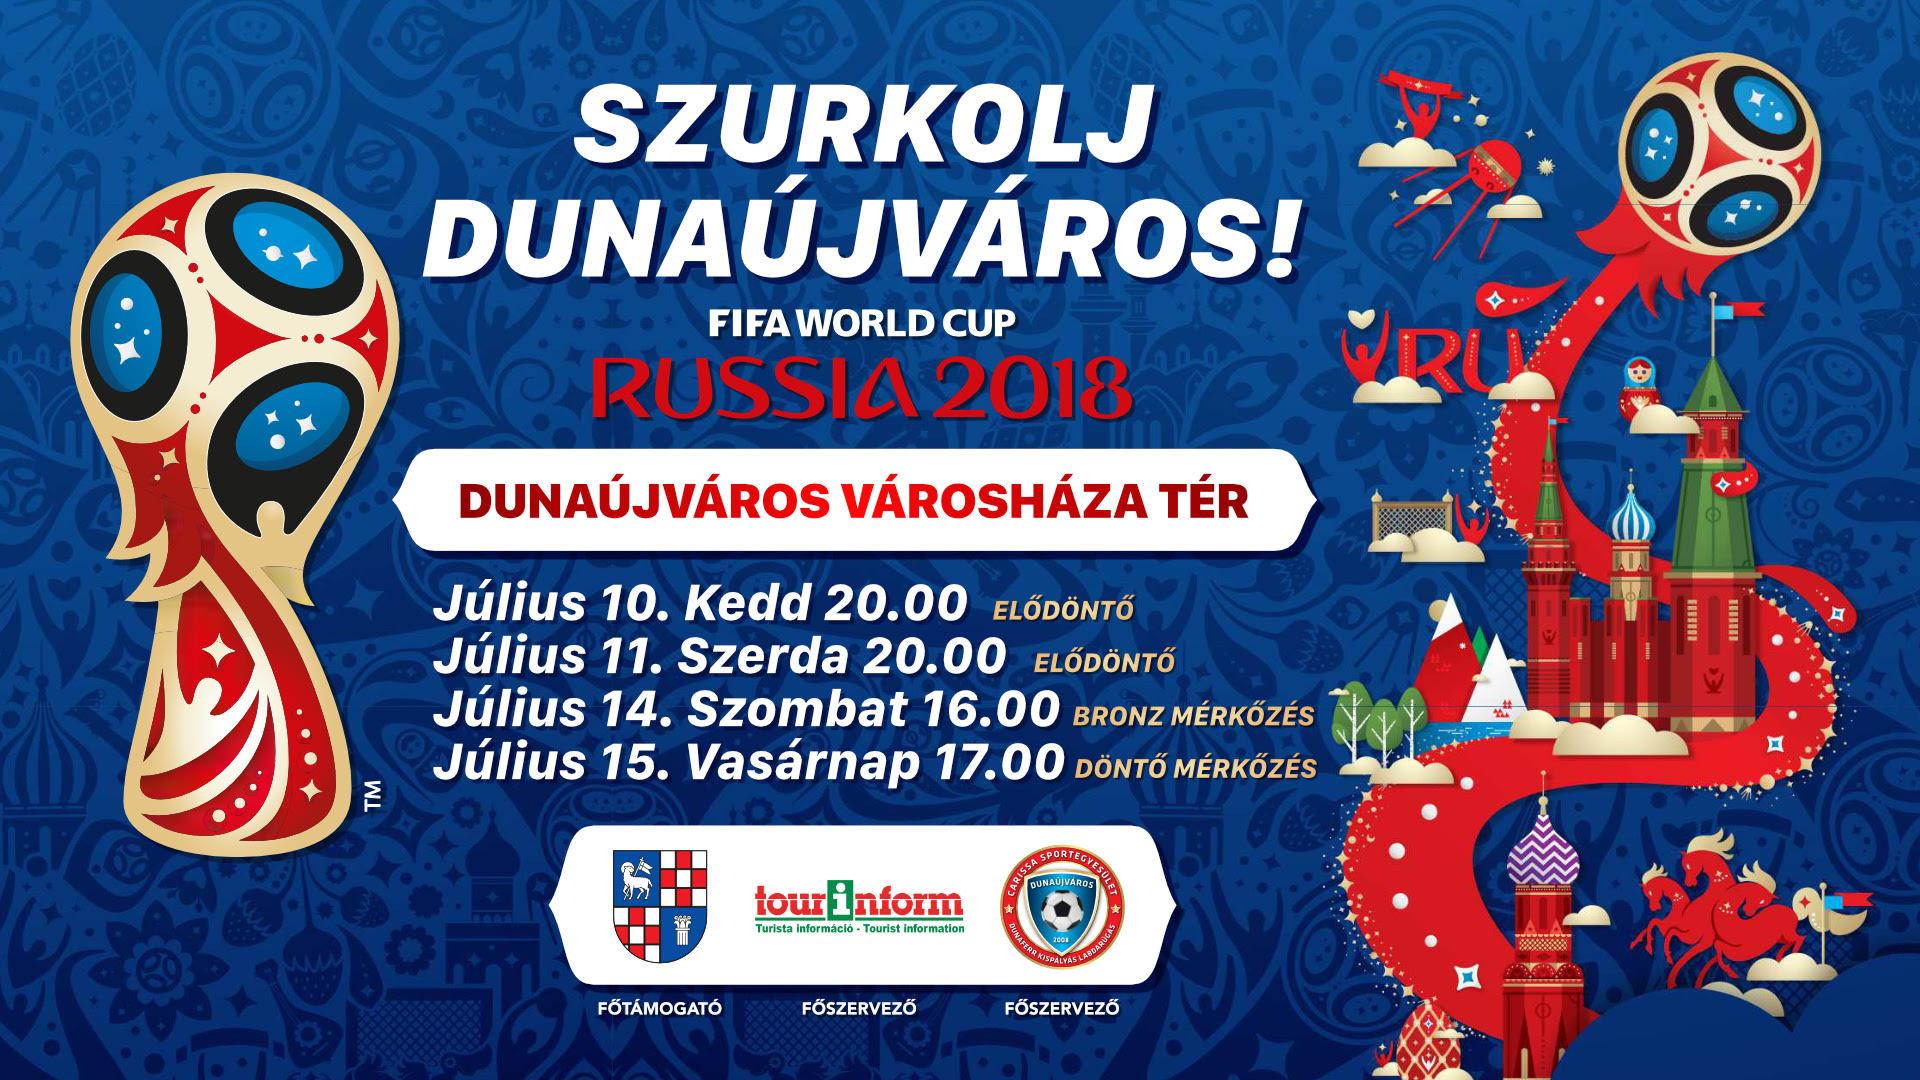 Szurkolj Dunaújváros!